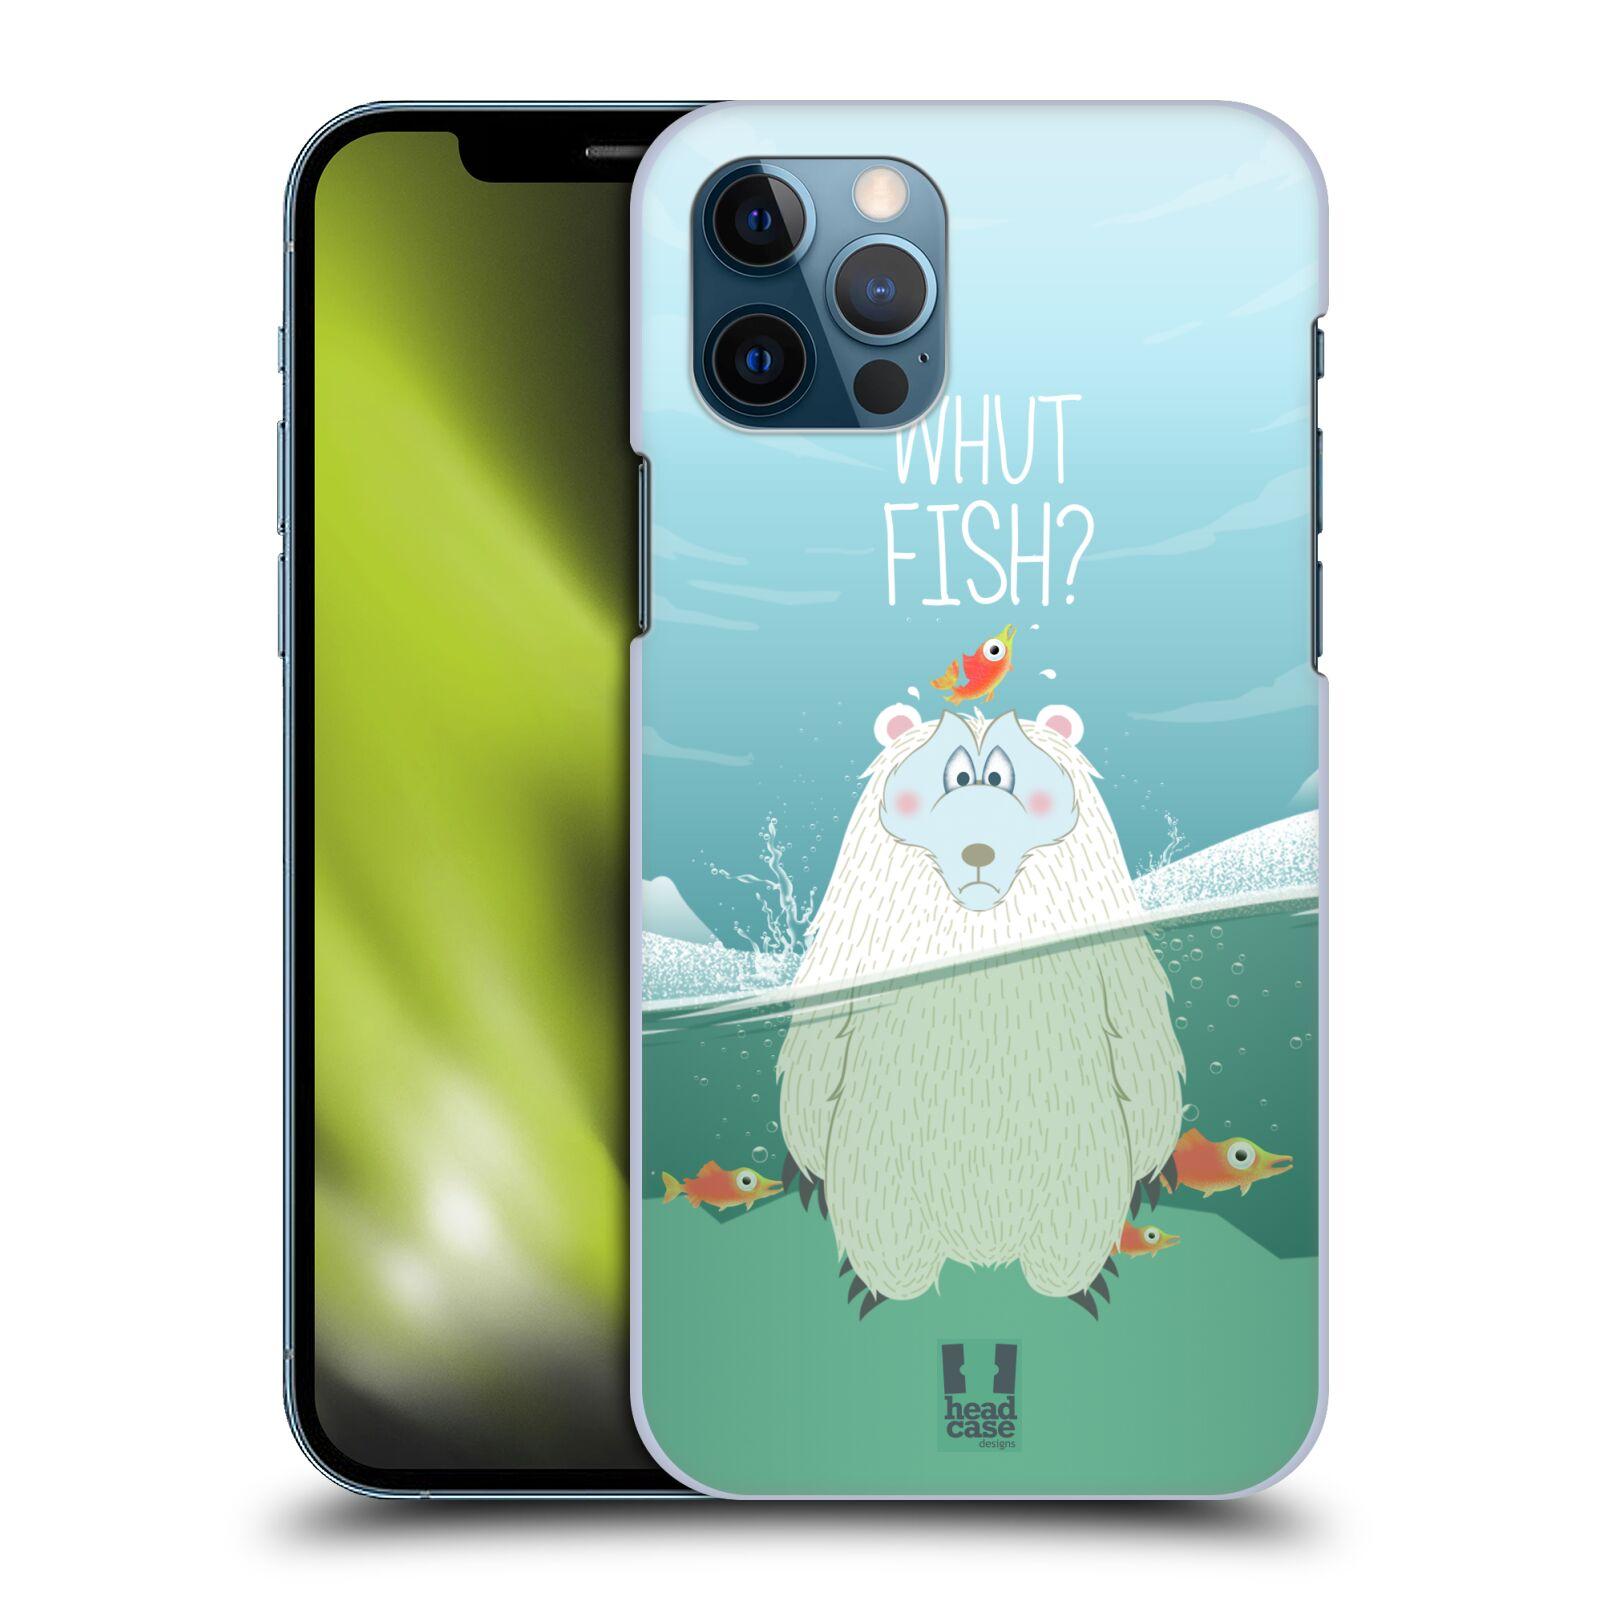 Plastové pouzdro na mobil Apple iPhone 12 / 12 Pro - Head Case - Medvěd Whut Fish?